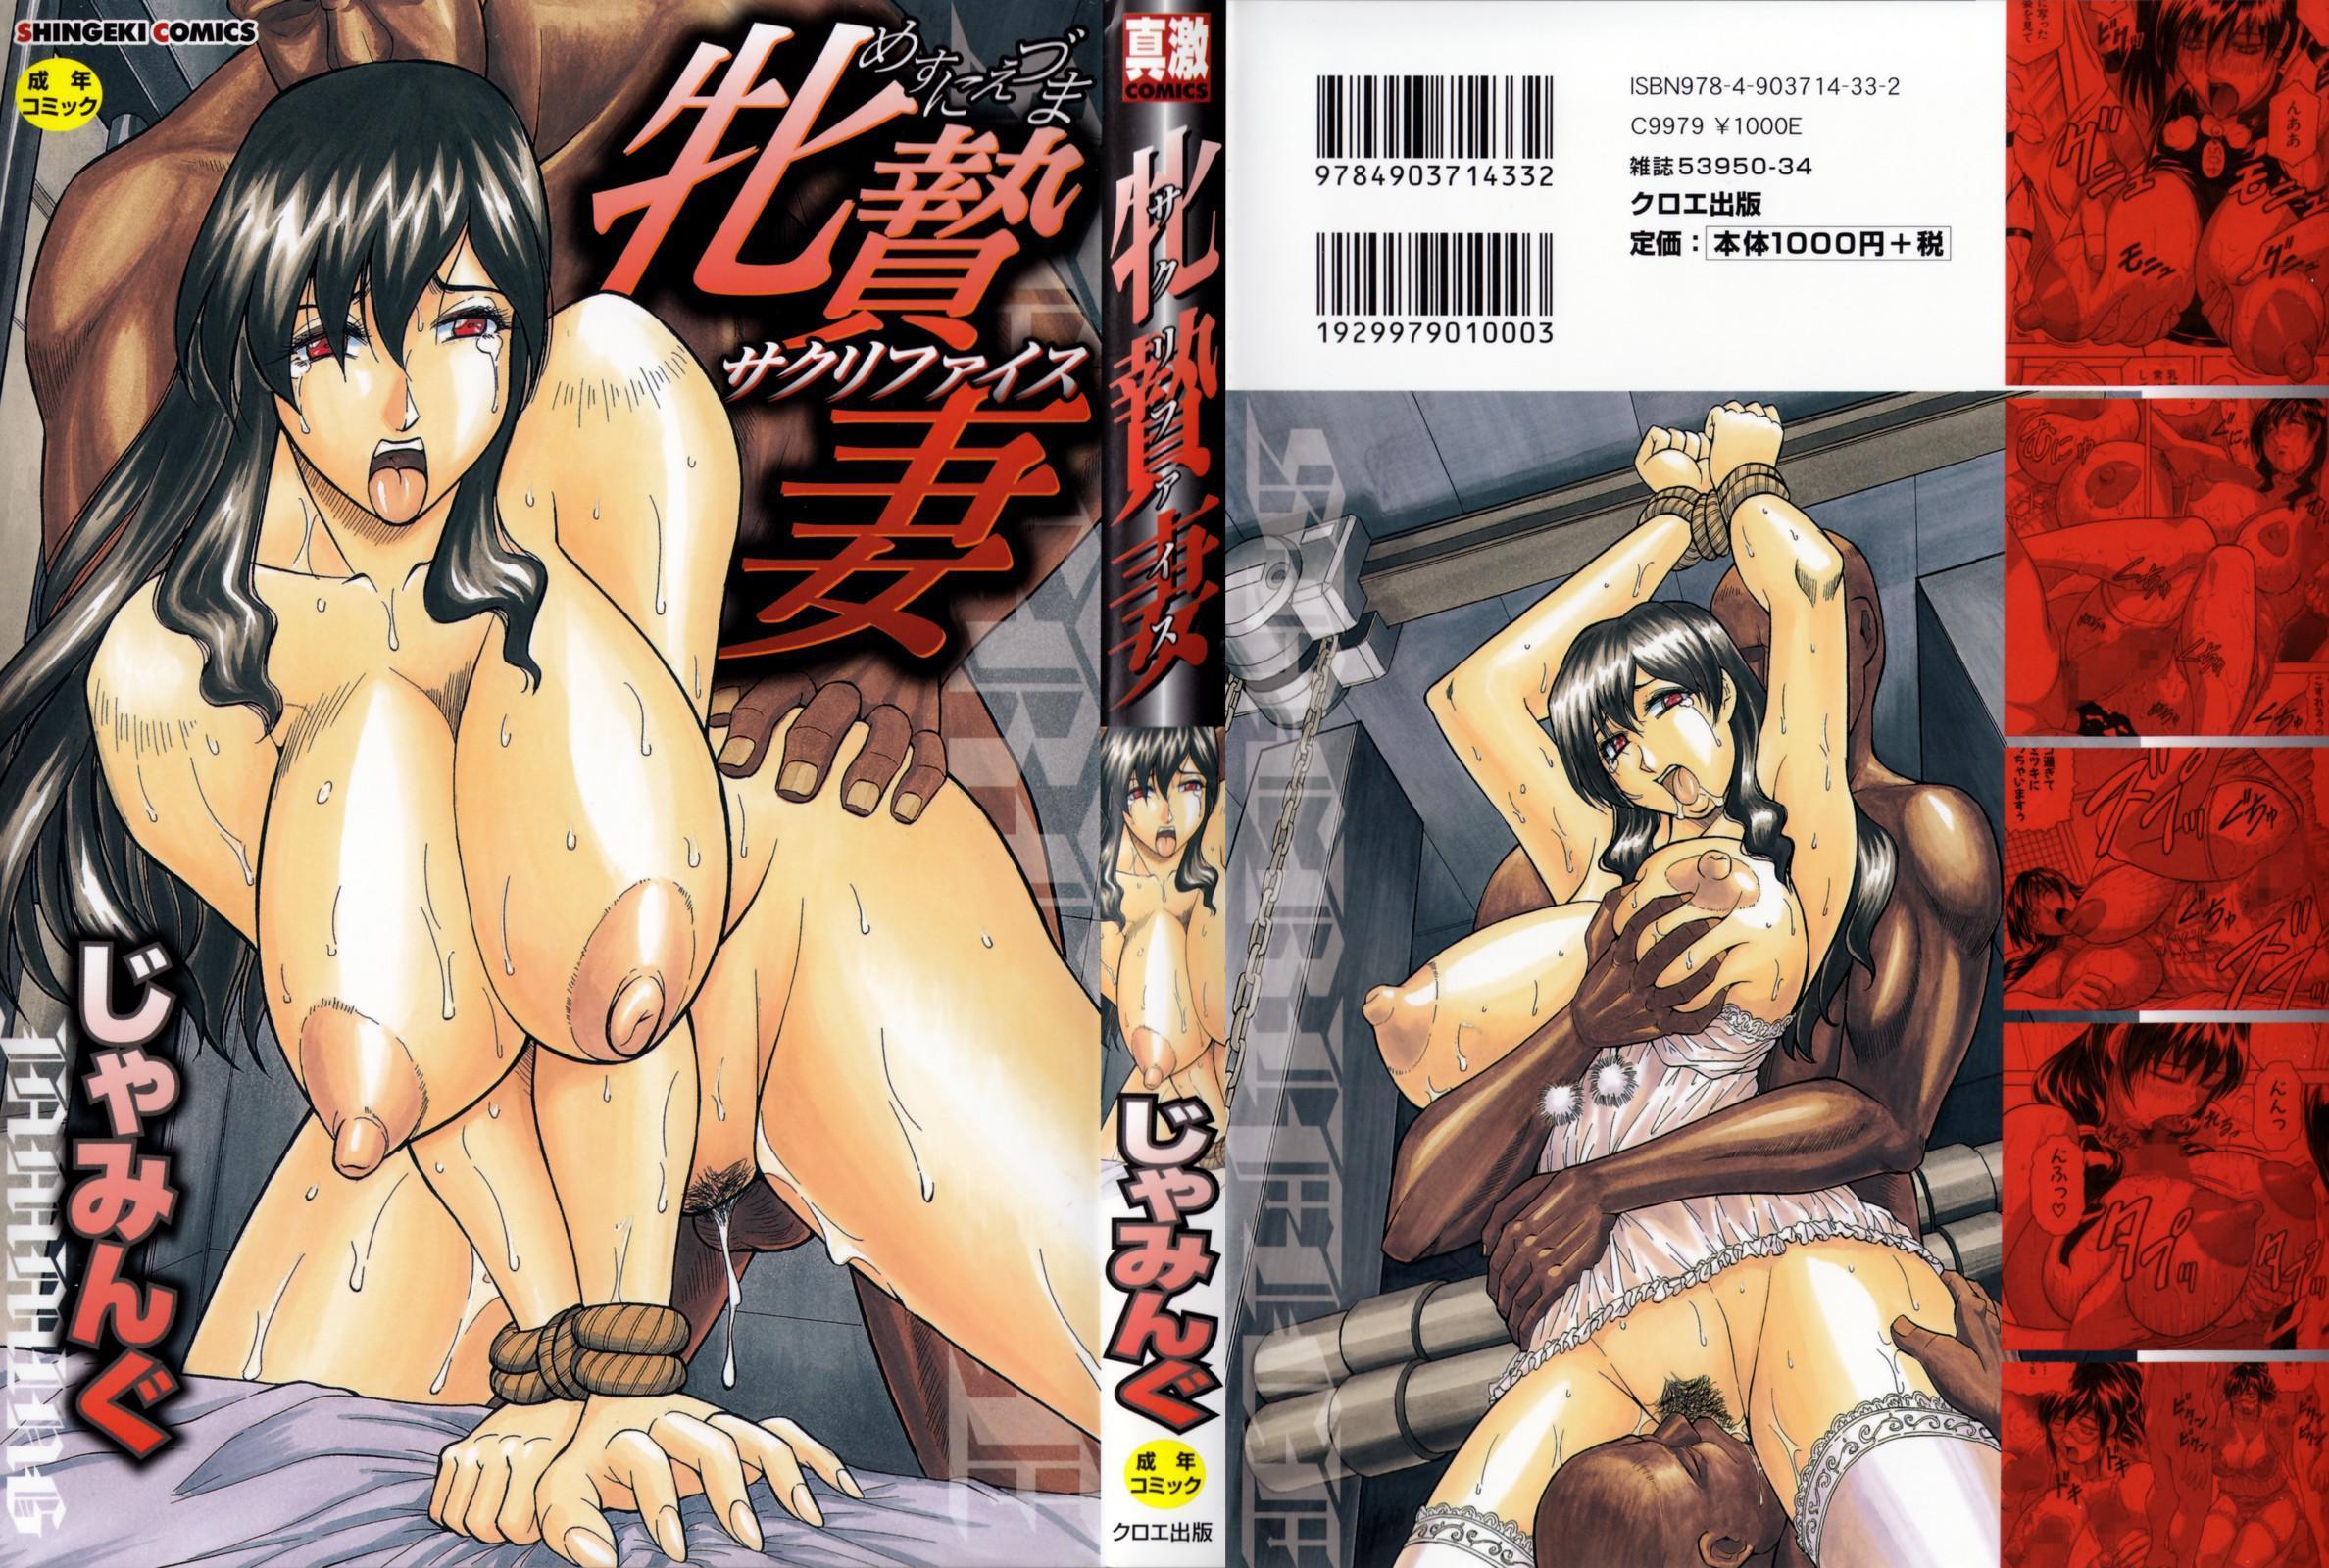 Porno sacrifice erotic film